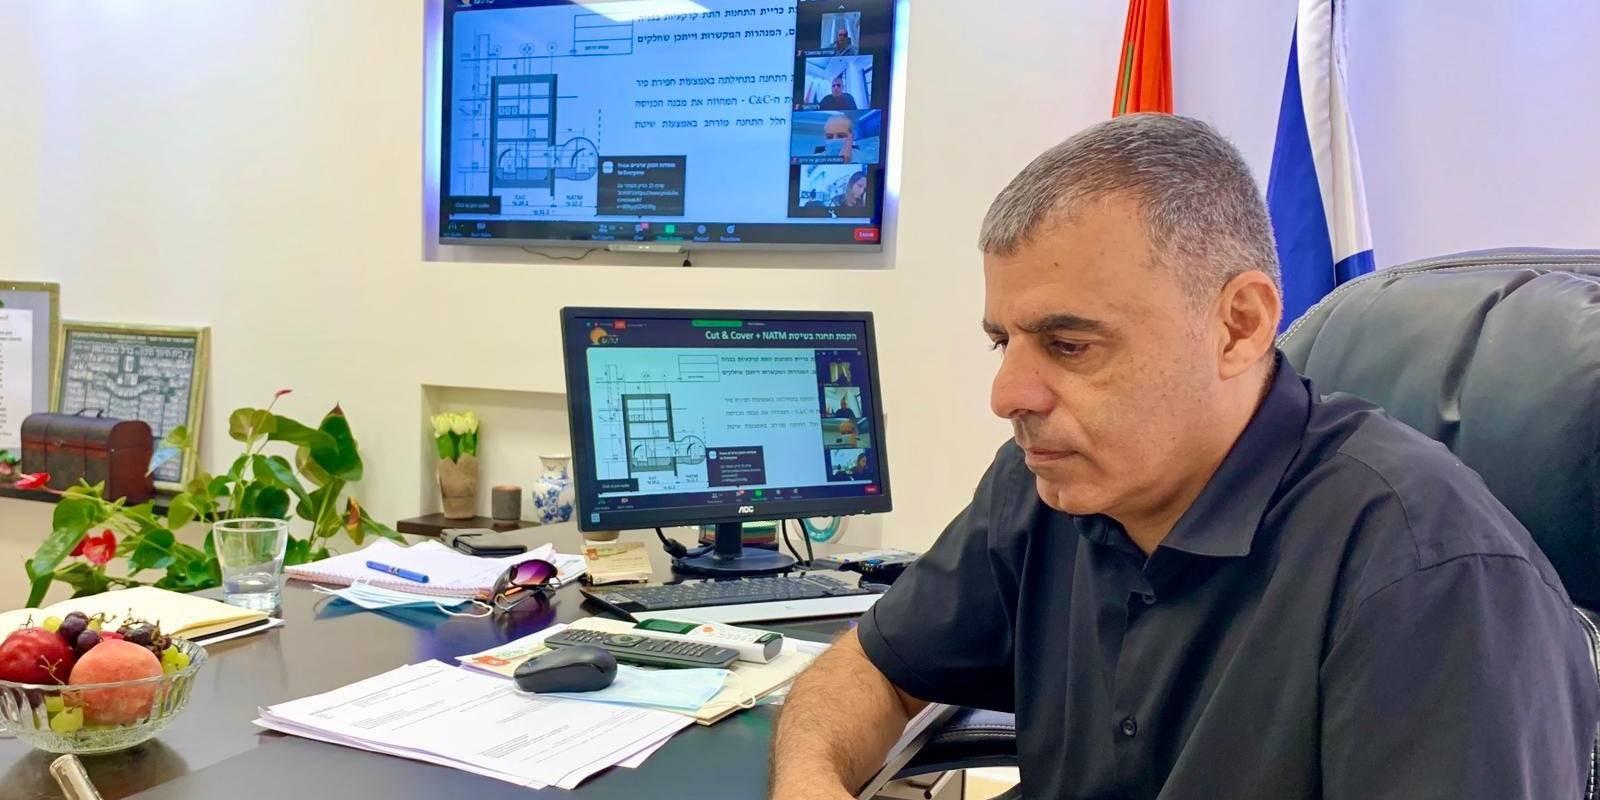 ראש העיר כפר סבא: הדפו במתכונתו הנוכחית – לא יהיה!